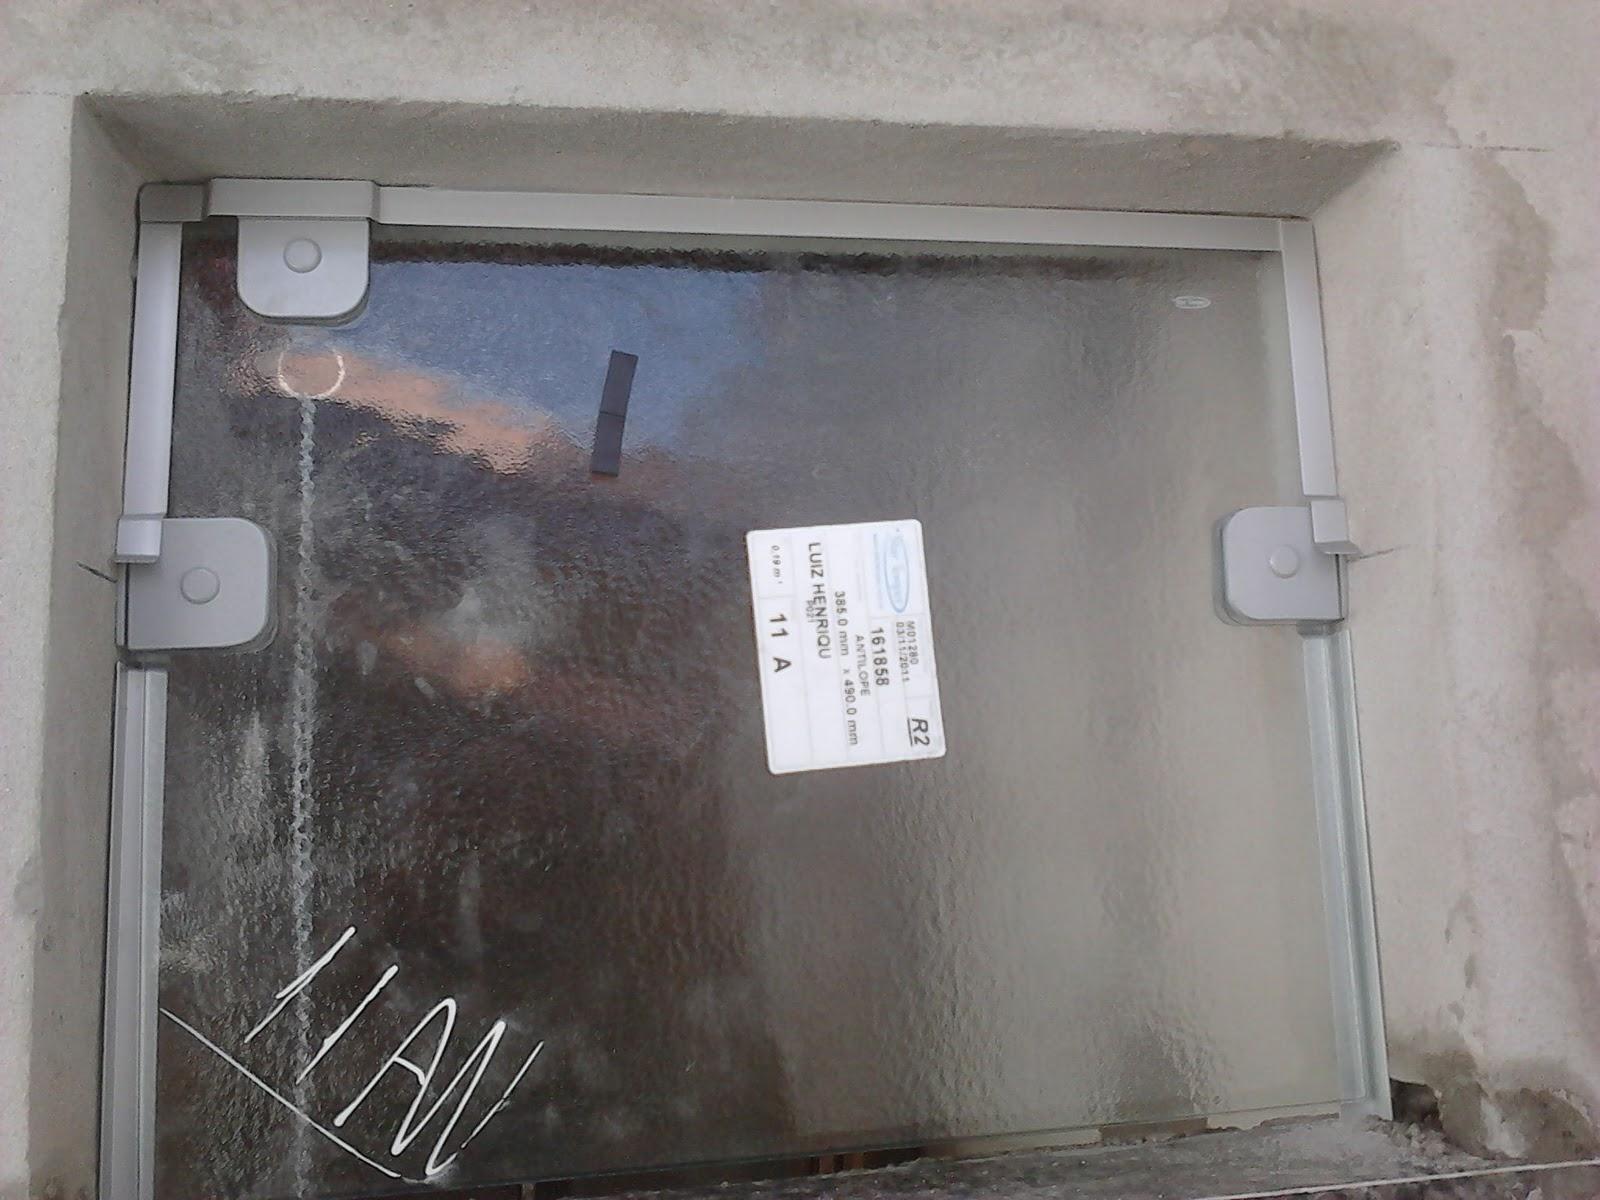 #594F4C FRANCO VIDROS TEMPERADOS: Obra em Ourinhos 732 Janelas Vidro Fosco